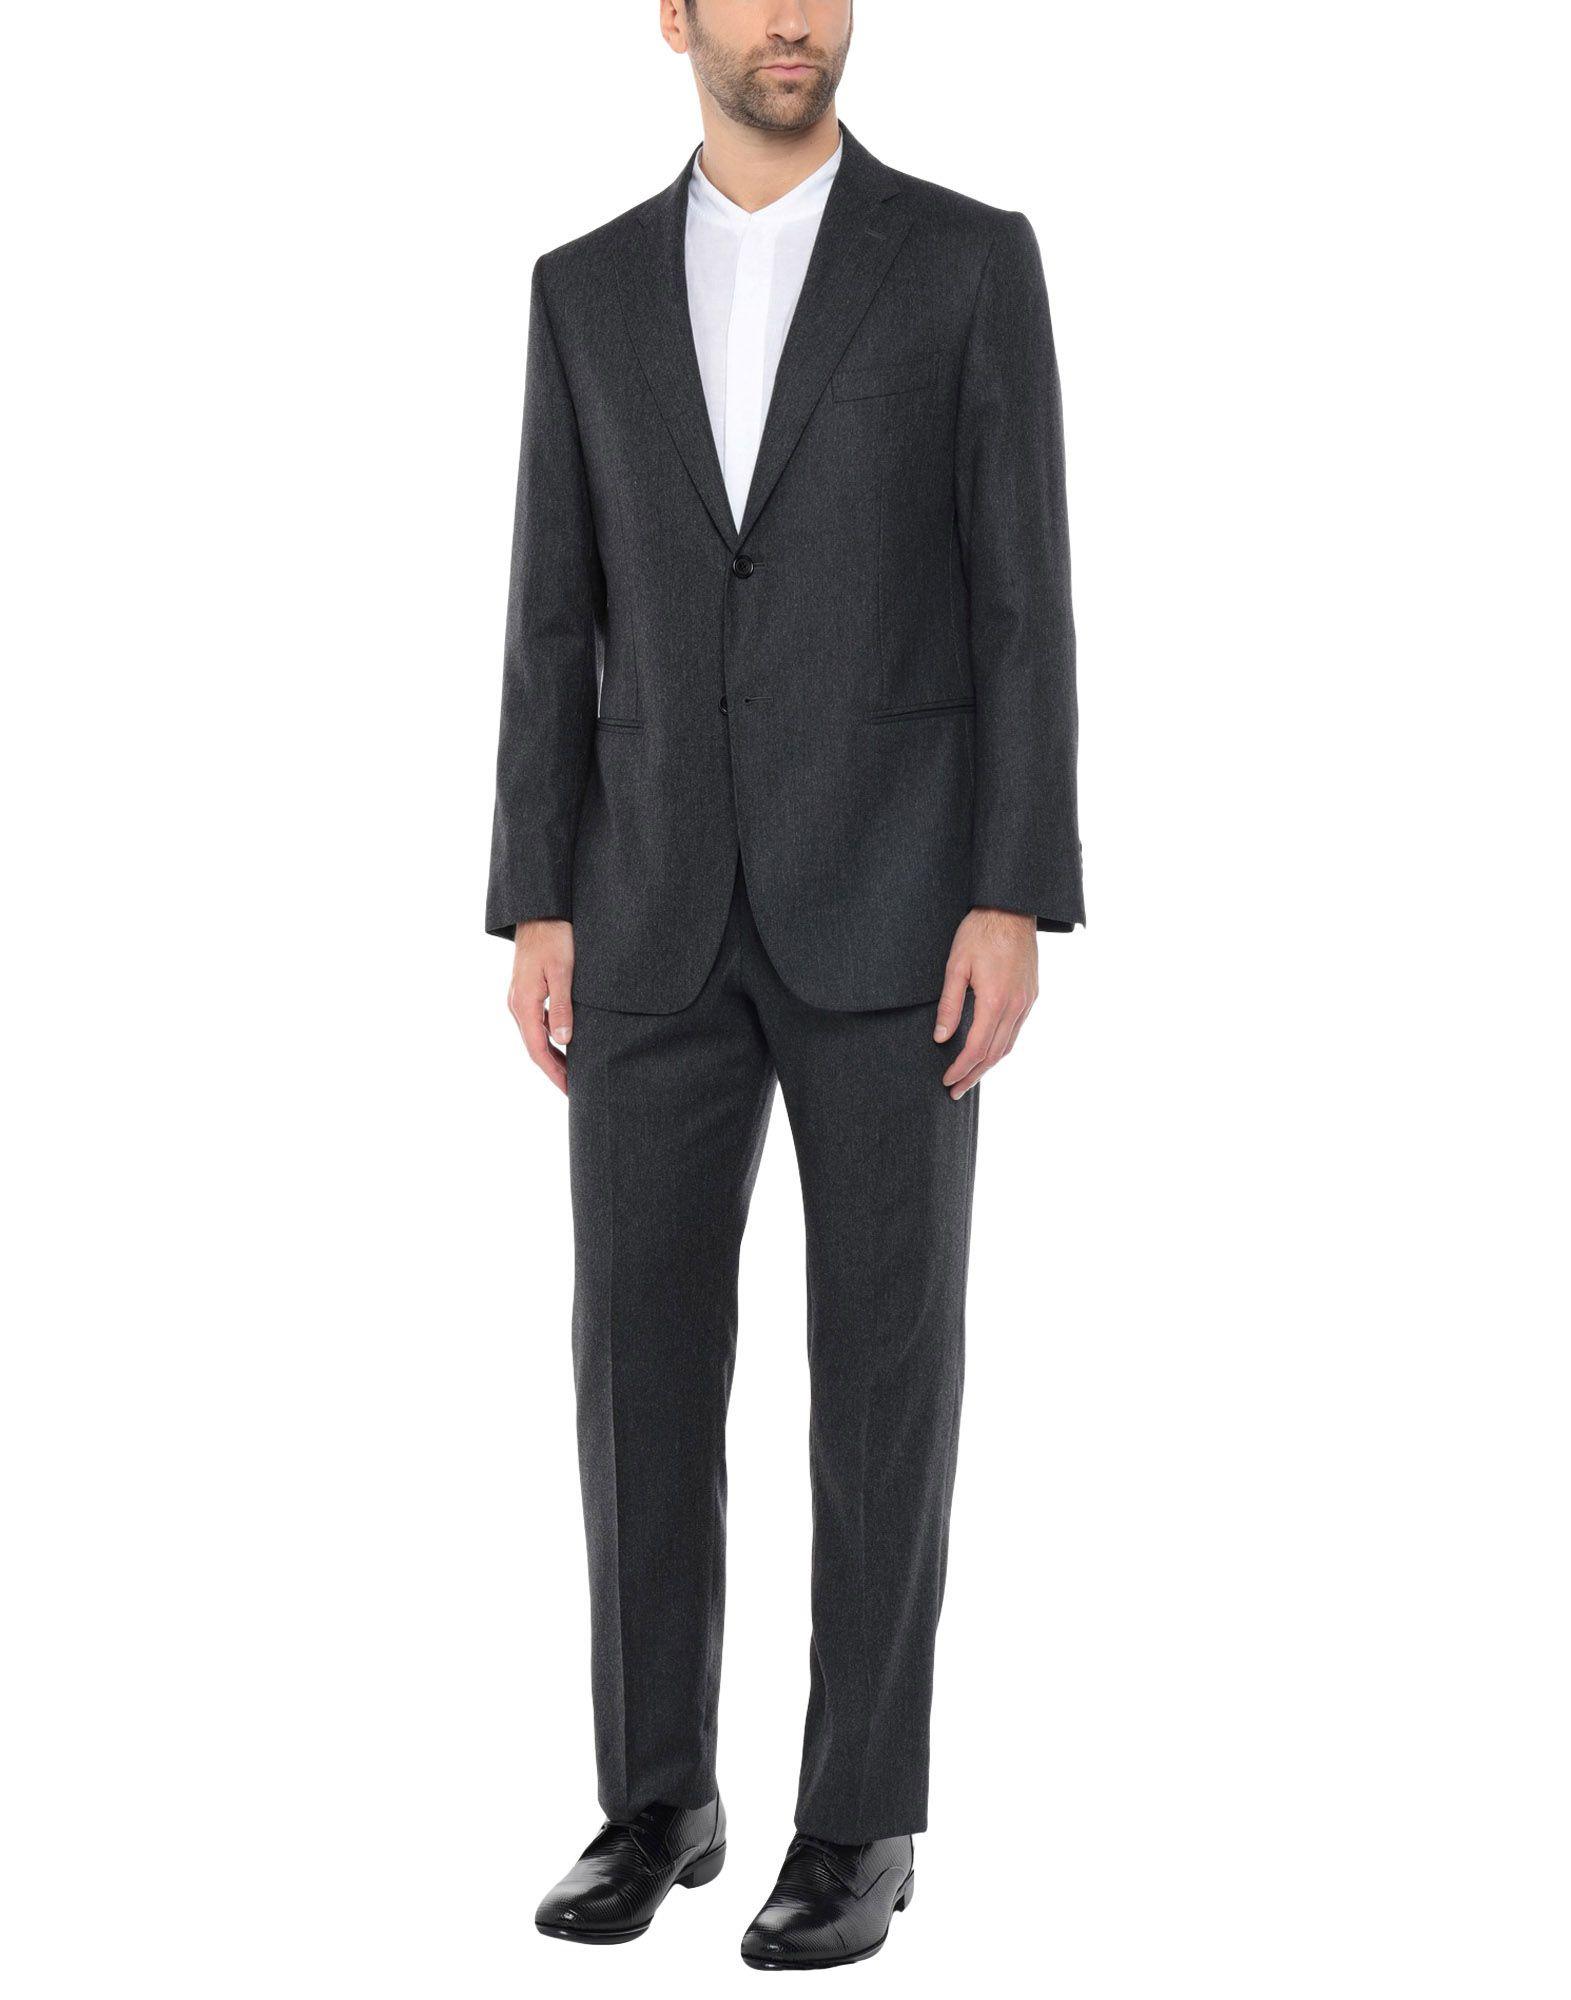 《送料無料》RIVIERA Milano メンズ スーツ 鉛色 44 スーパー150 ウール 100%